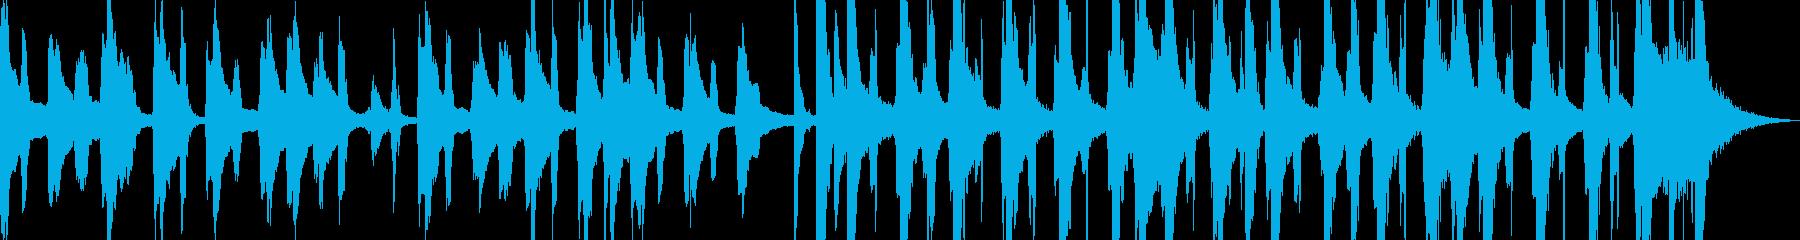 ティーン ポップ ロック ファンク...の再生済みの波形